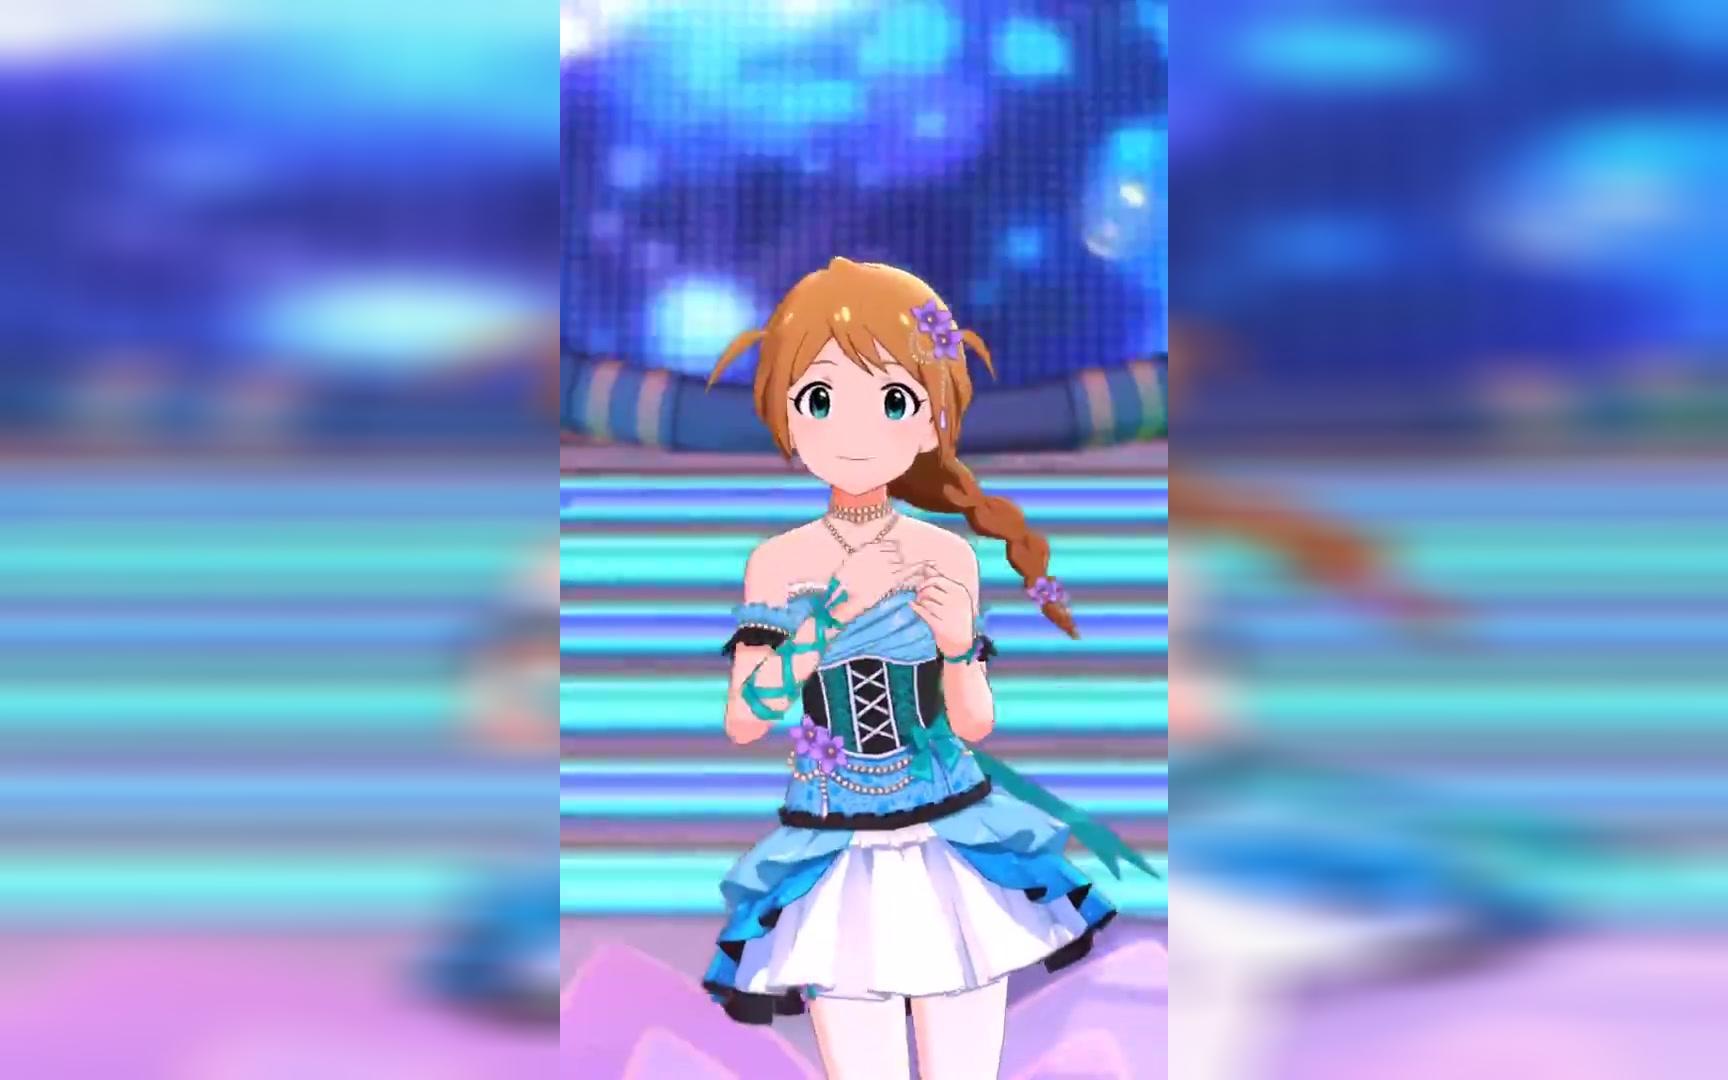 [ミリシタ] dear... 馬場このみ ソロ 竖屏MV (SSR异色)